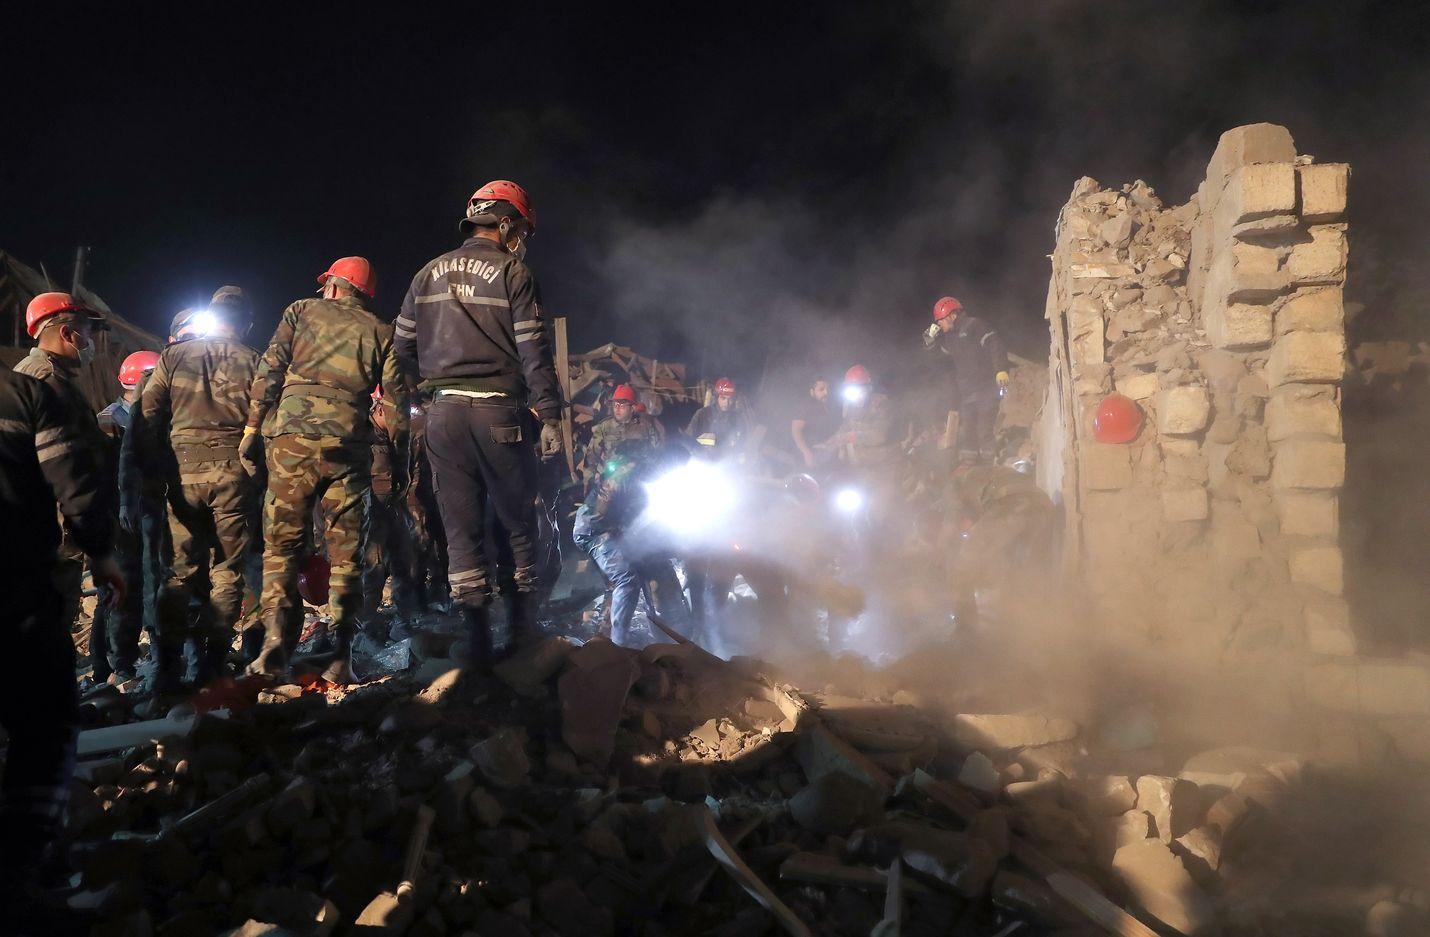 Azerbaidzhanilaiset pelastustyöntekijät kiersivät tuhoutuneiden kotien raunioissa Ganjan kaupungissa lauantaina. Siviilien asuinalueille kohdistuneissa iskuissa kuoli perjantaina useita ihmisiä.